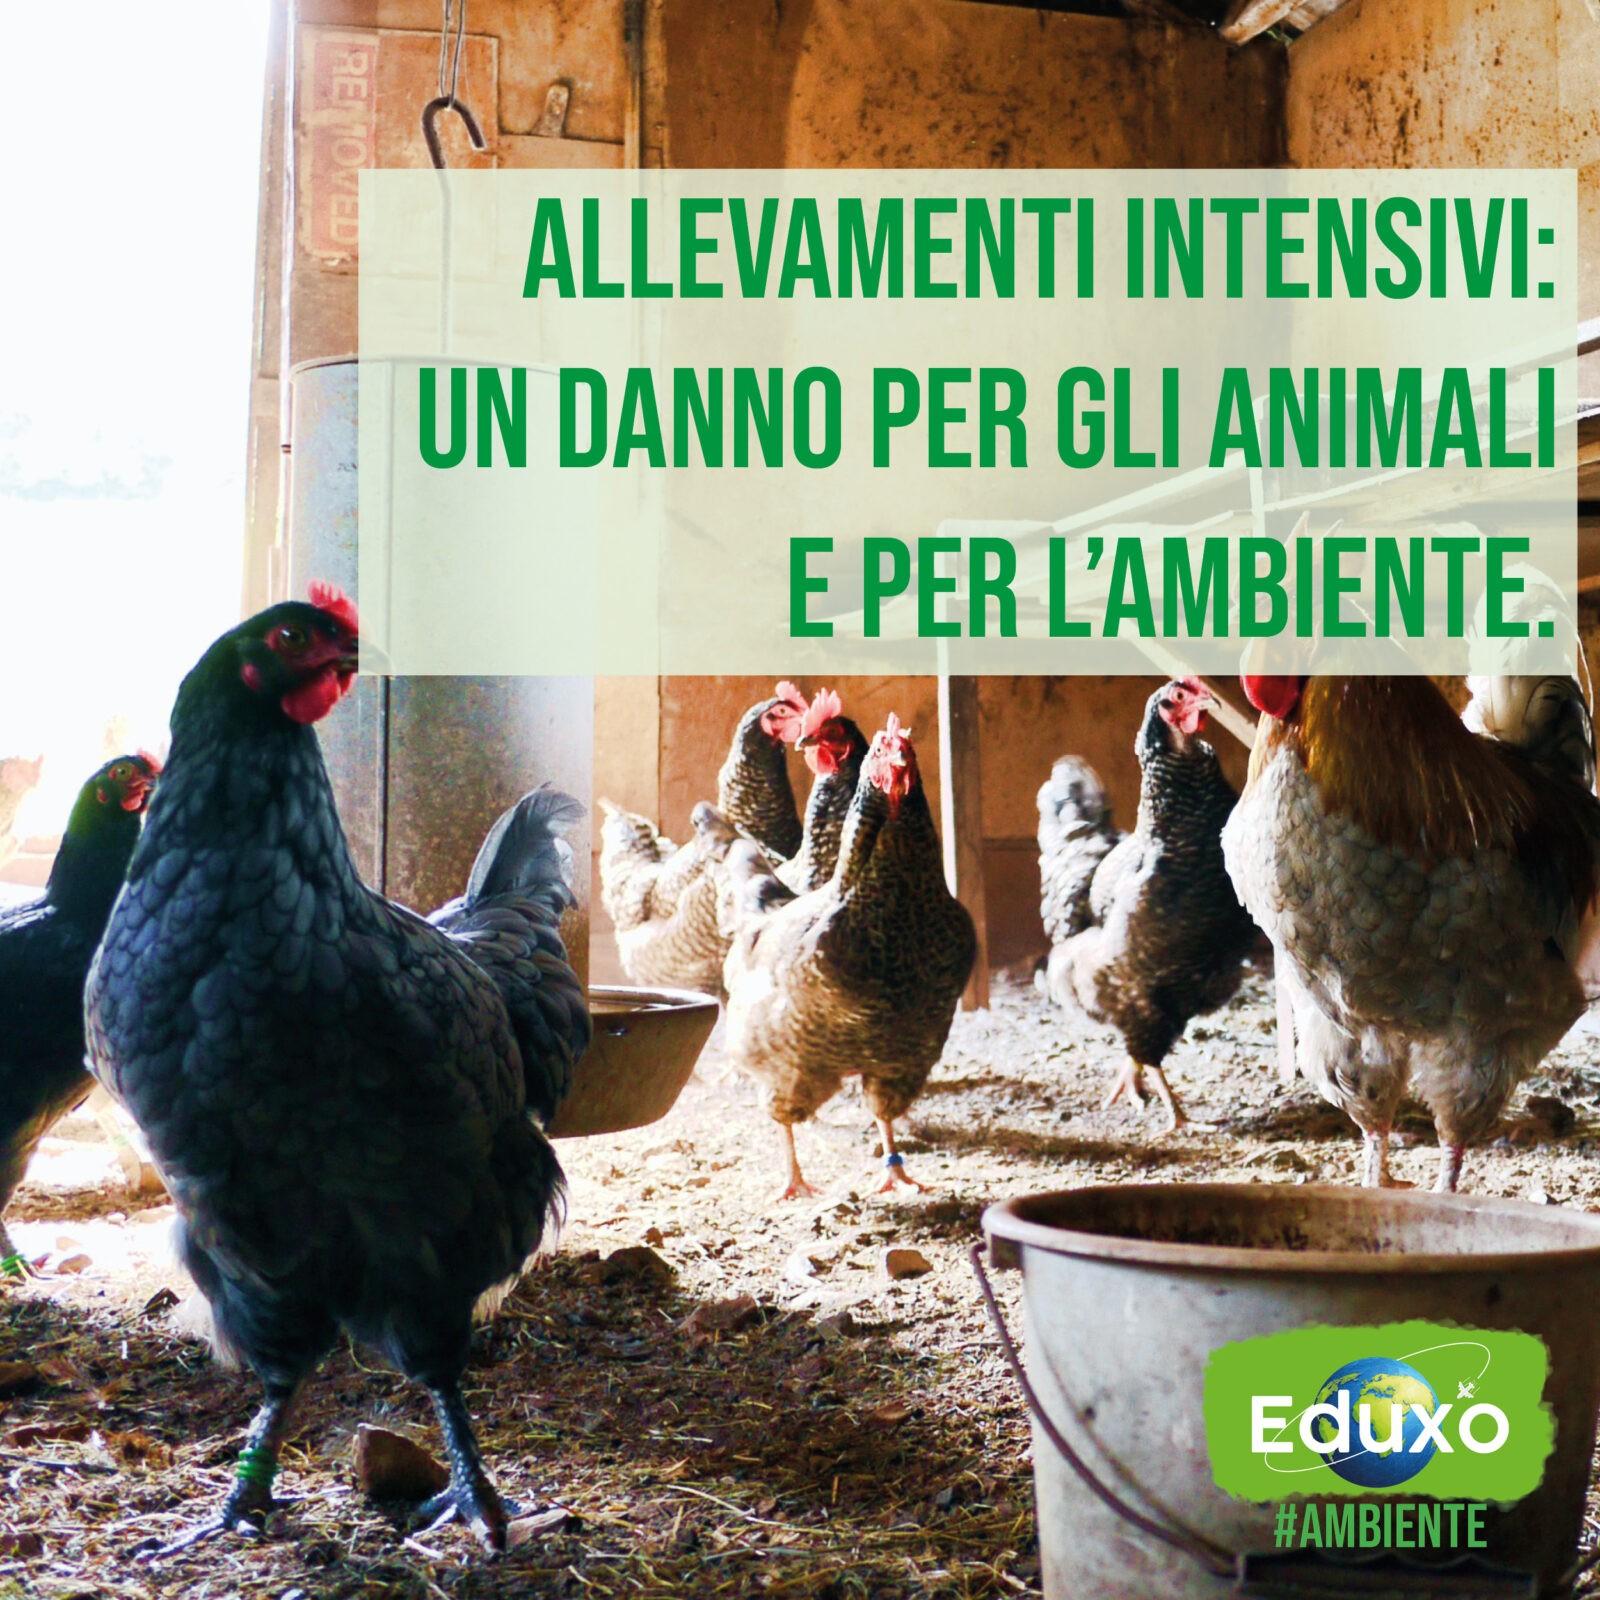 Allevamenti intensivi: un danno per gli animali e per l'ambiente